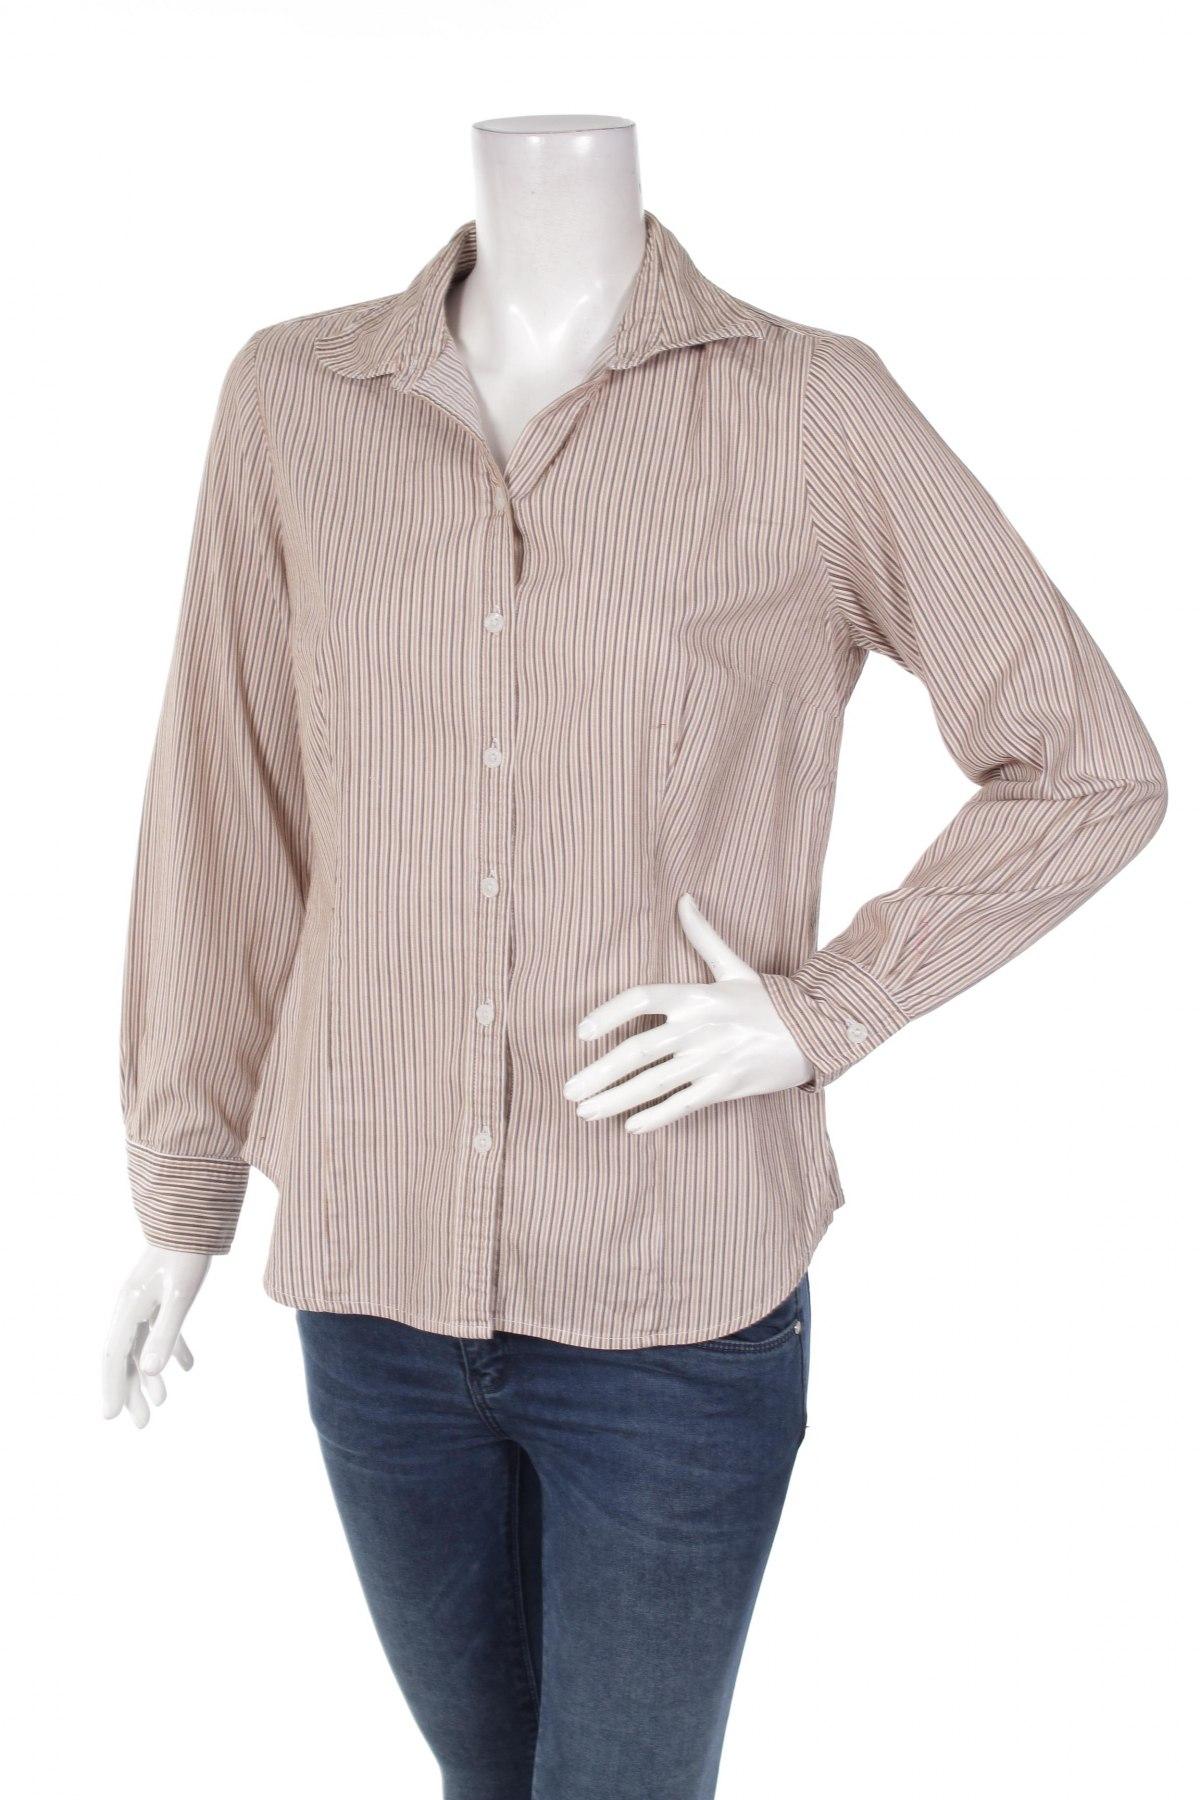 Γυναικείο πουκάμισο Ann Taylor